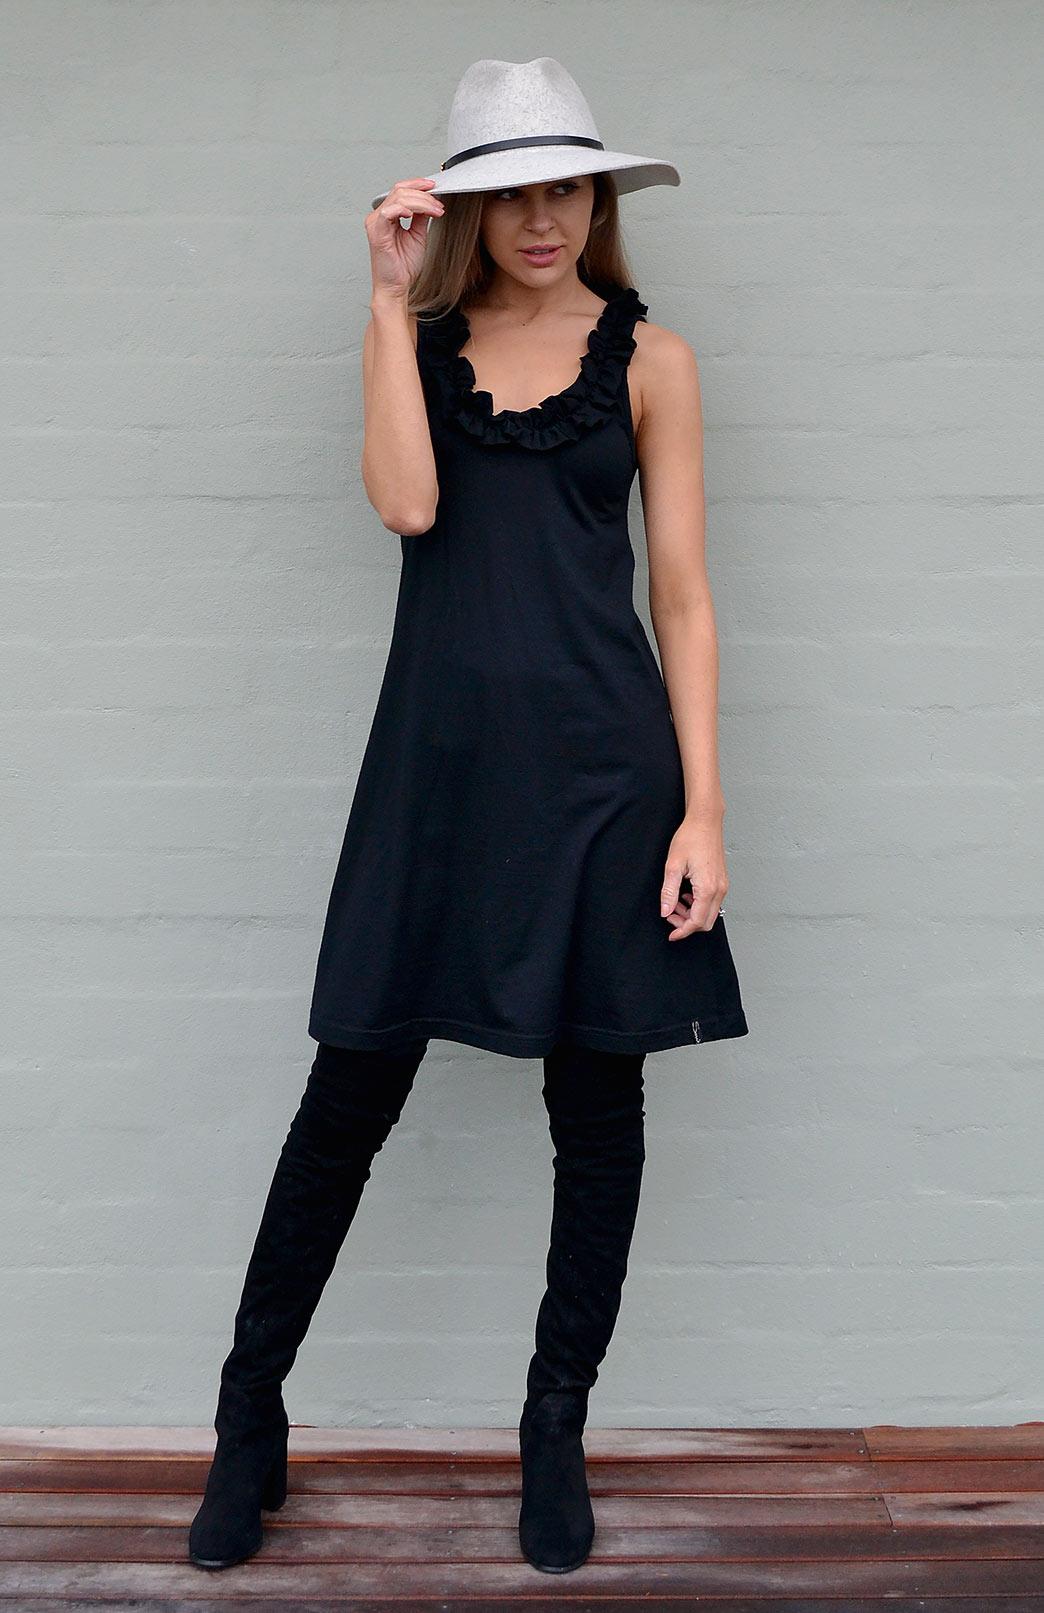 Ruffled Swing Dress - Women's Black Merino Wool Swing Dress with Ruffled Neckline - Smitten Merino Tasmania Australia